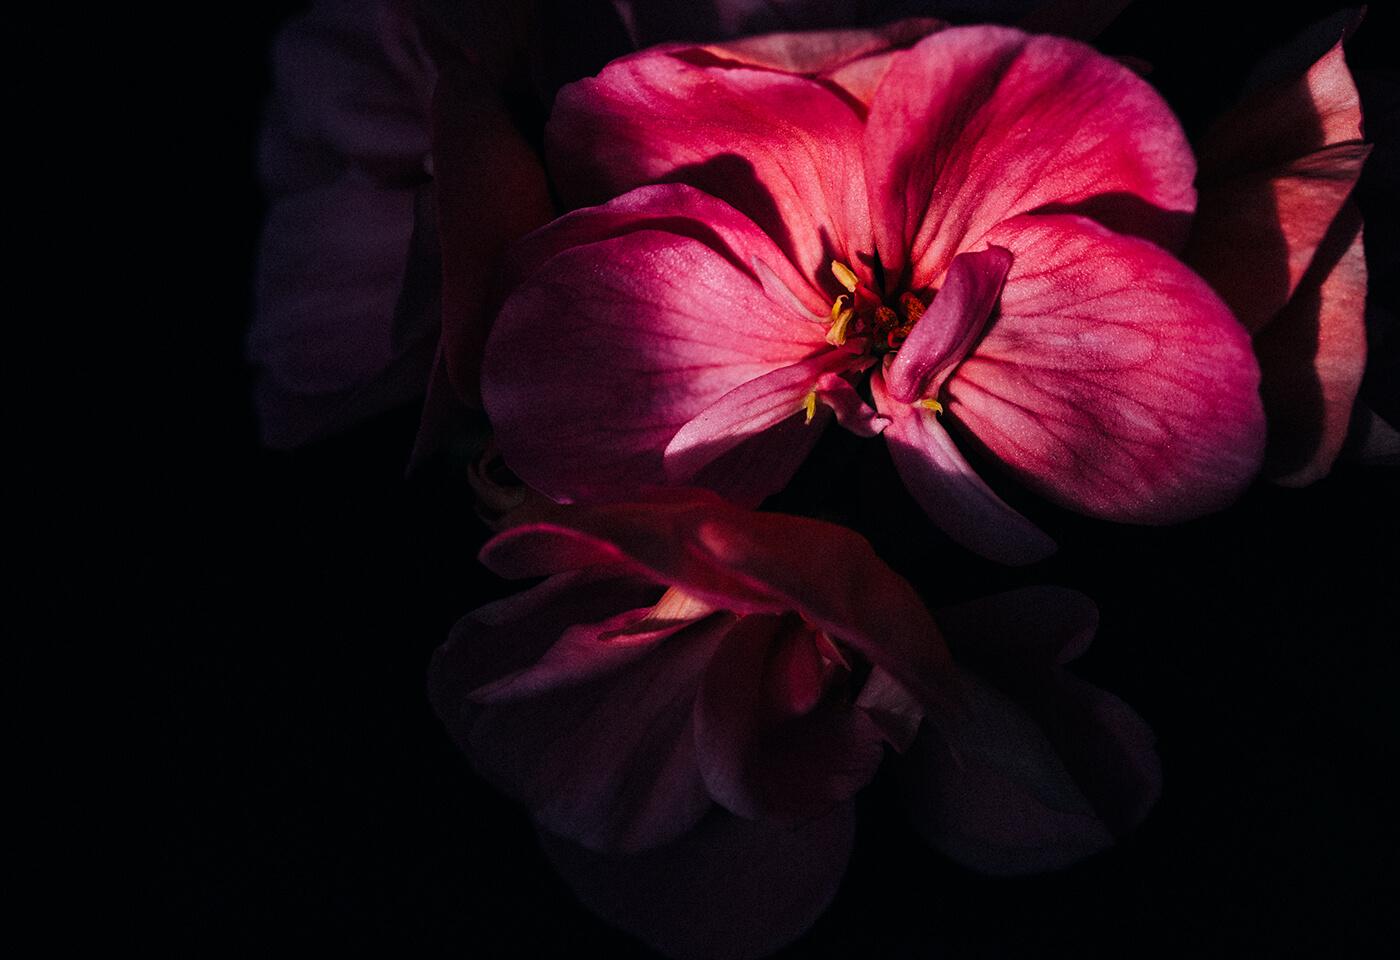 Landscape image of flower